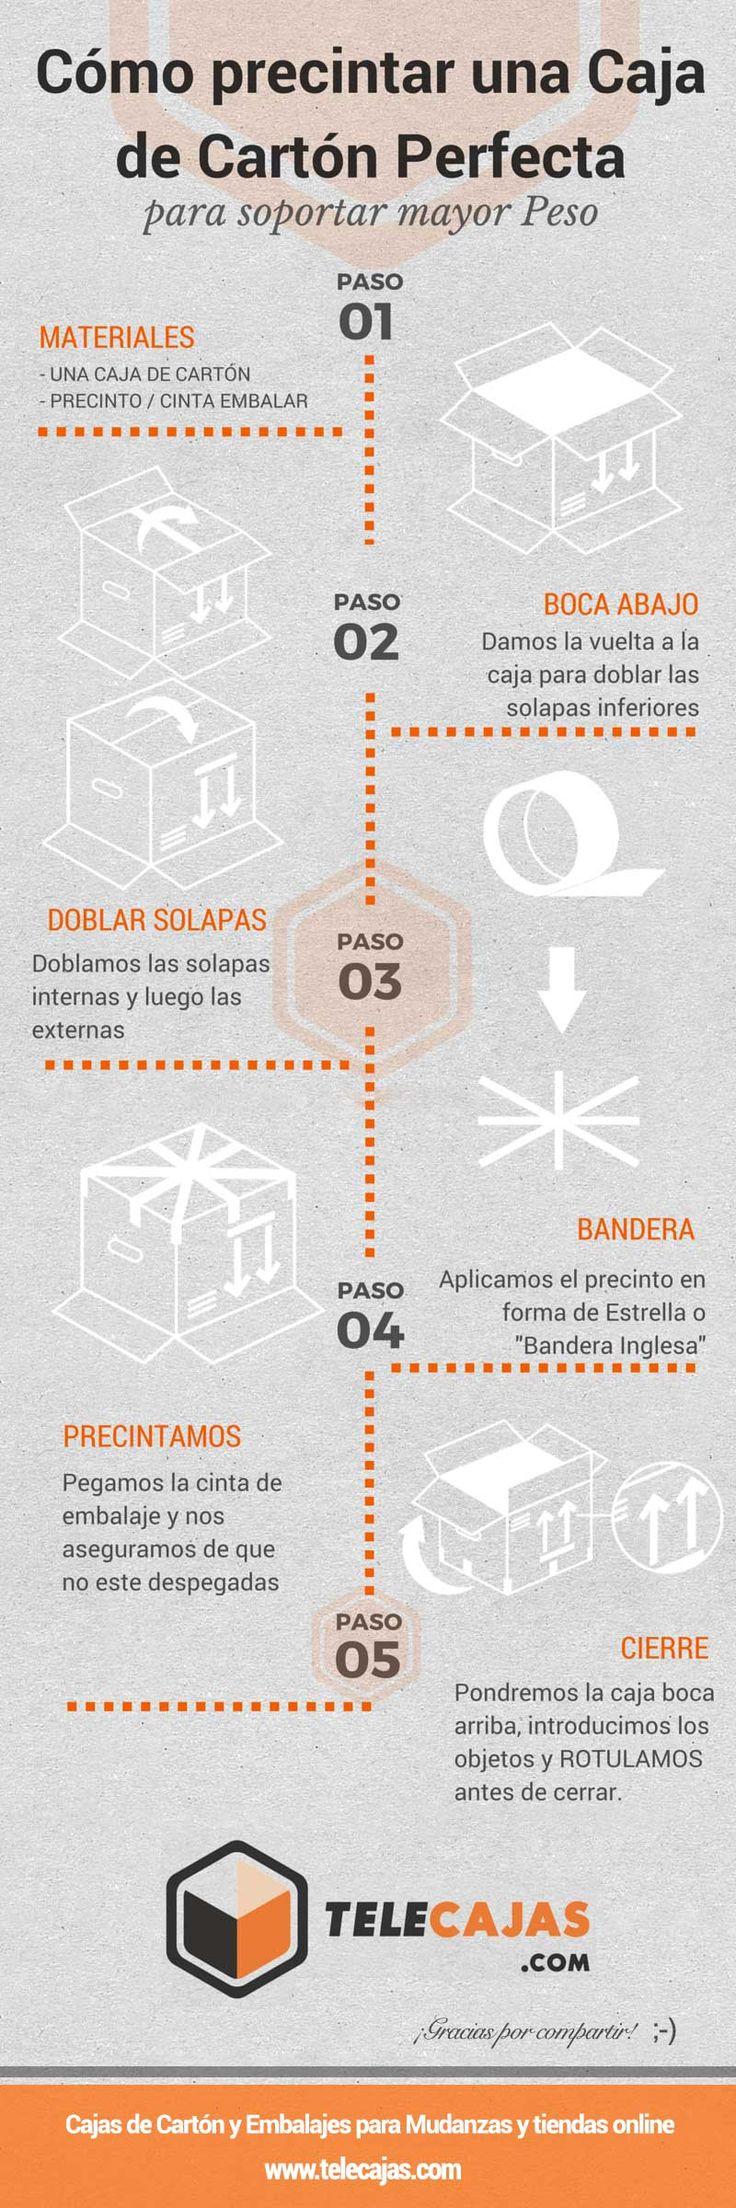 Como precintar una caja de cartón para soportar mas peso #telecajas #cajasdecarton